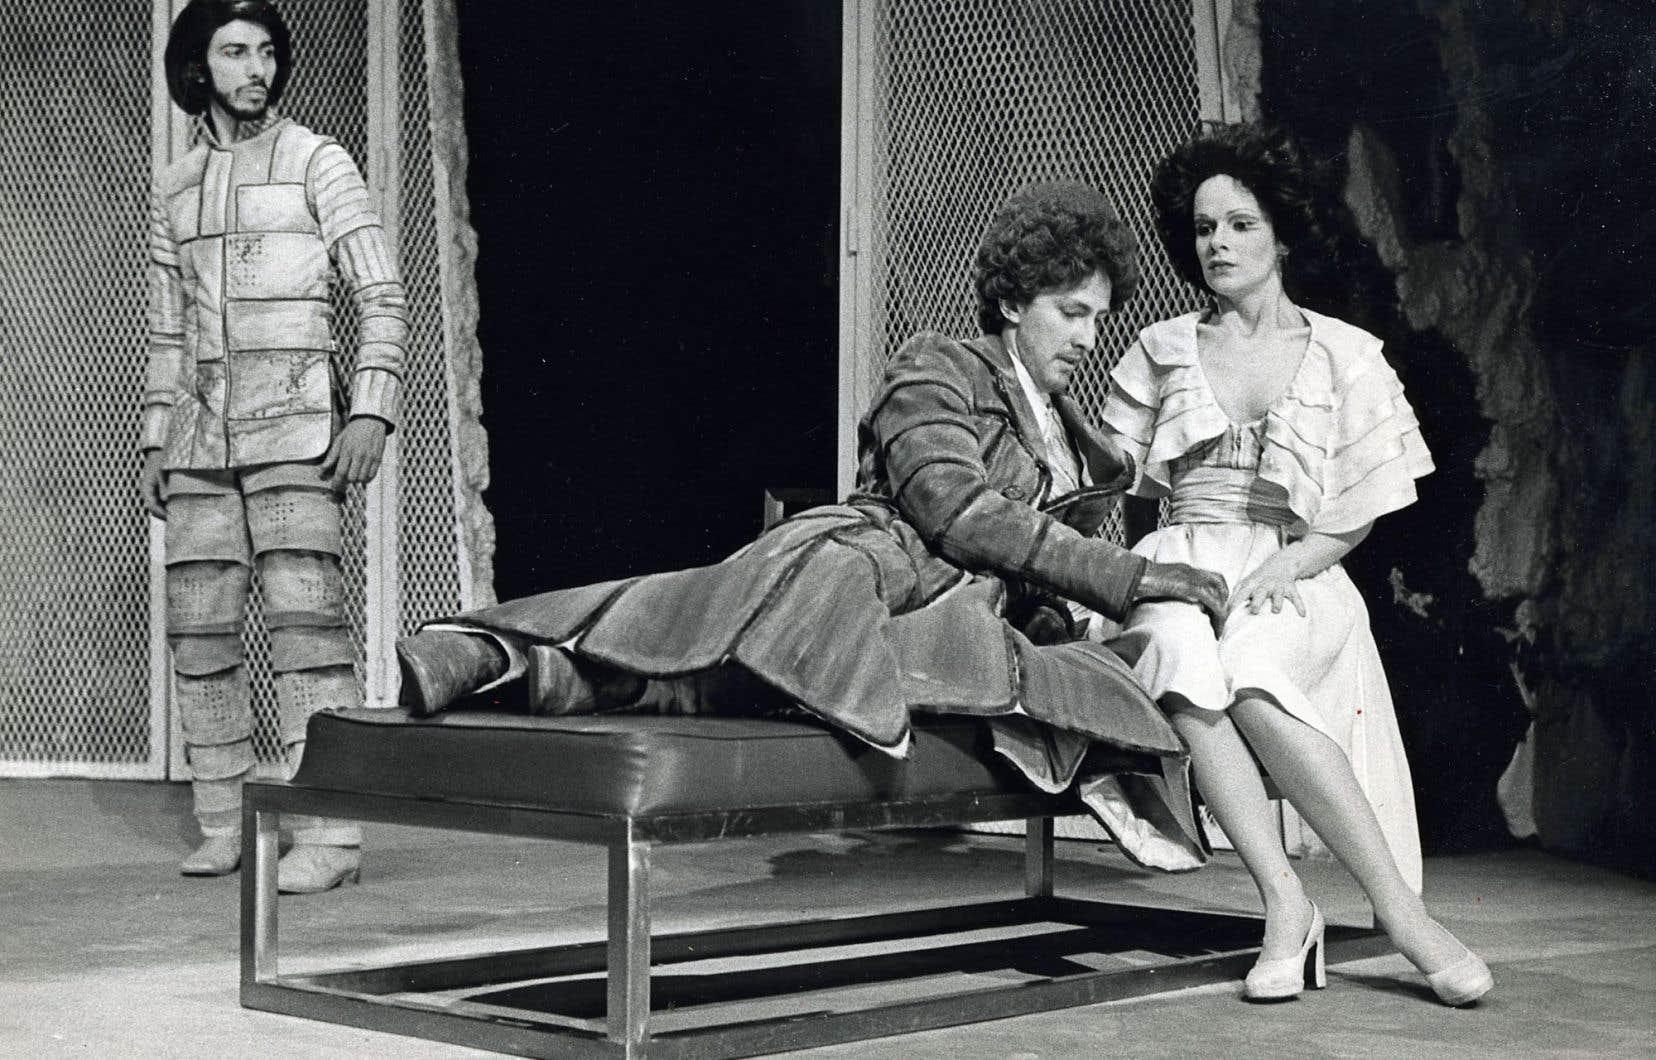 Une scène de «La charge de l'original épormyable», avec Jean-Guy Viau et Robert Gravel, en 1974